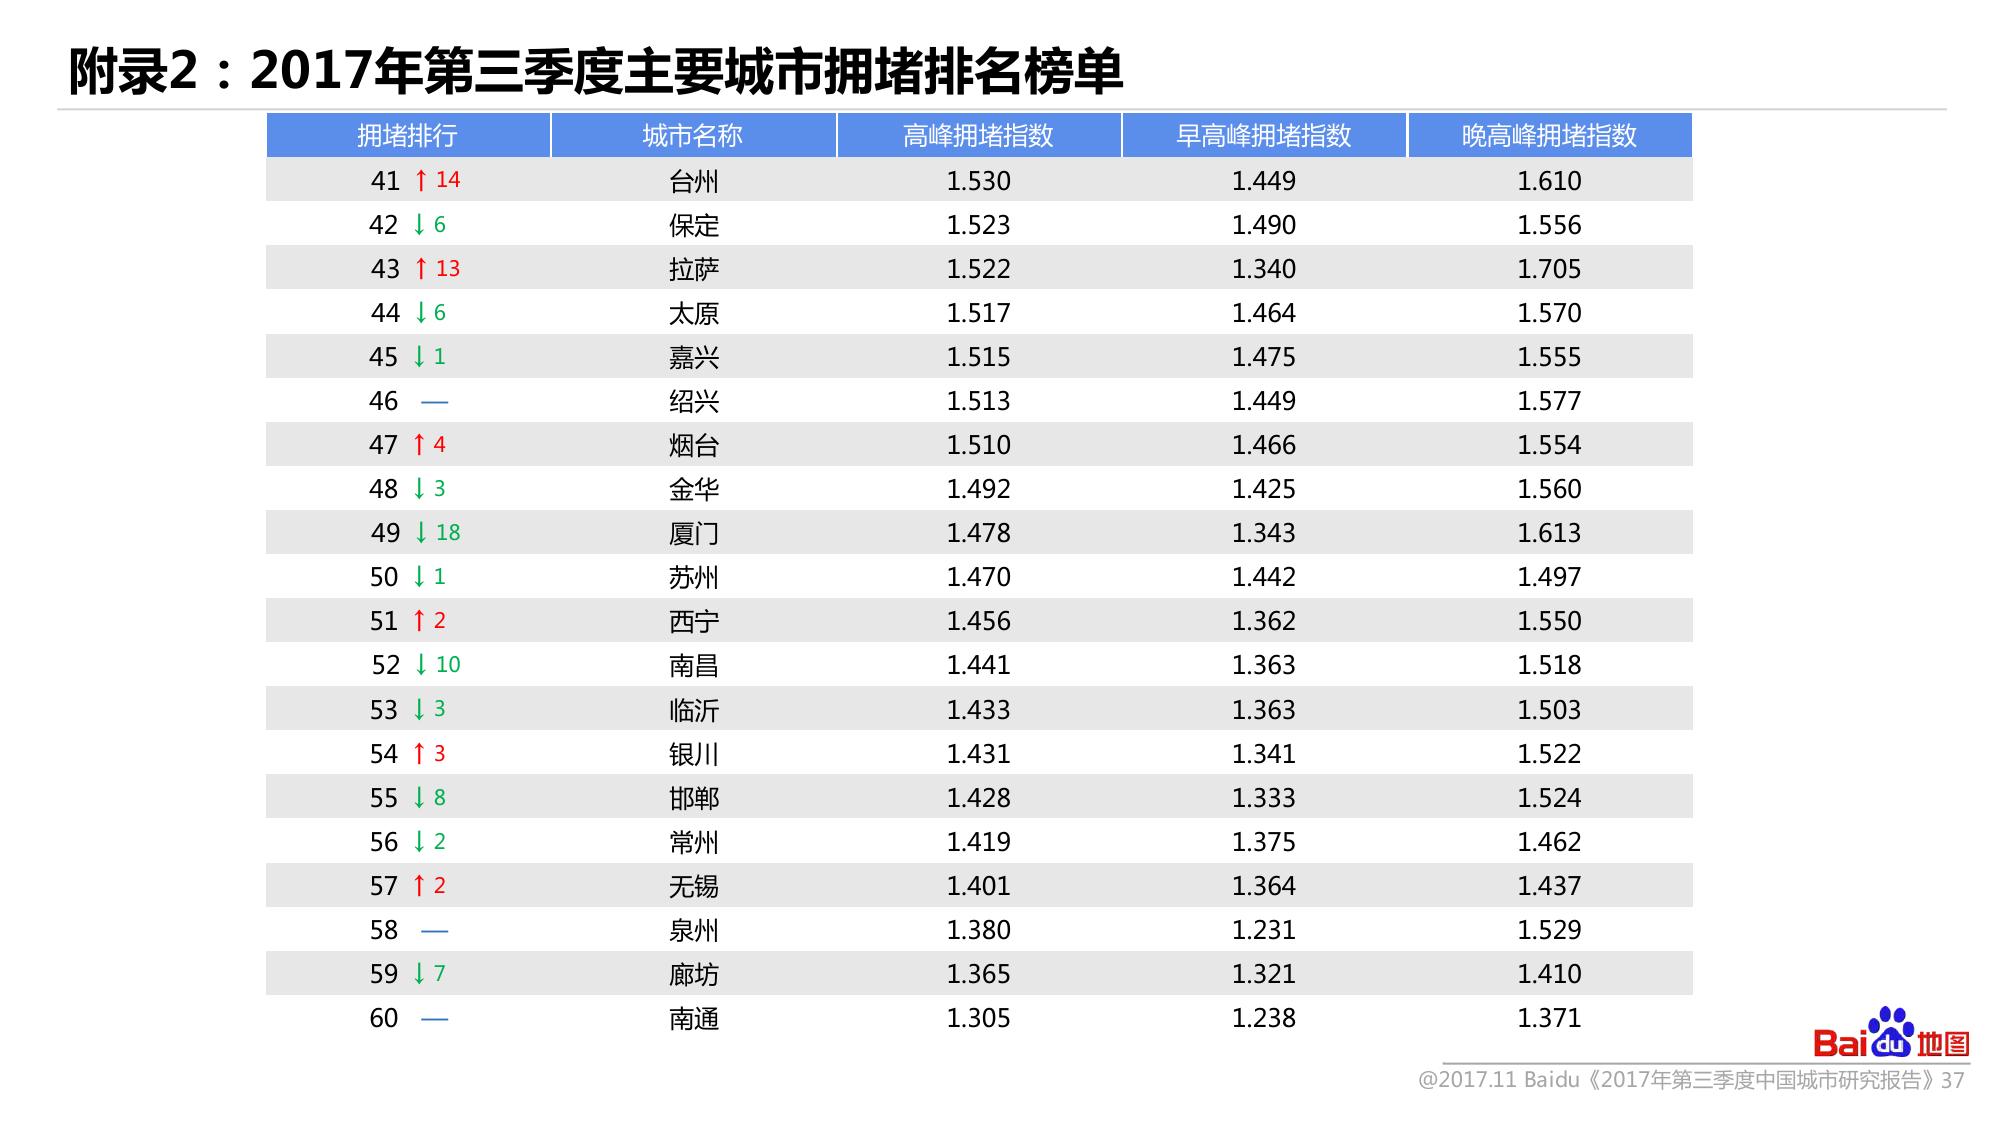 2017年Q3中国城市研究报告